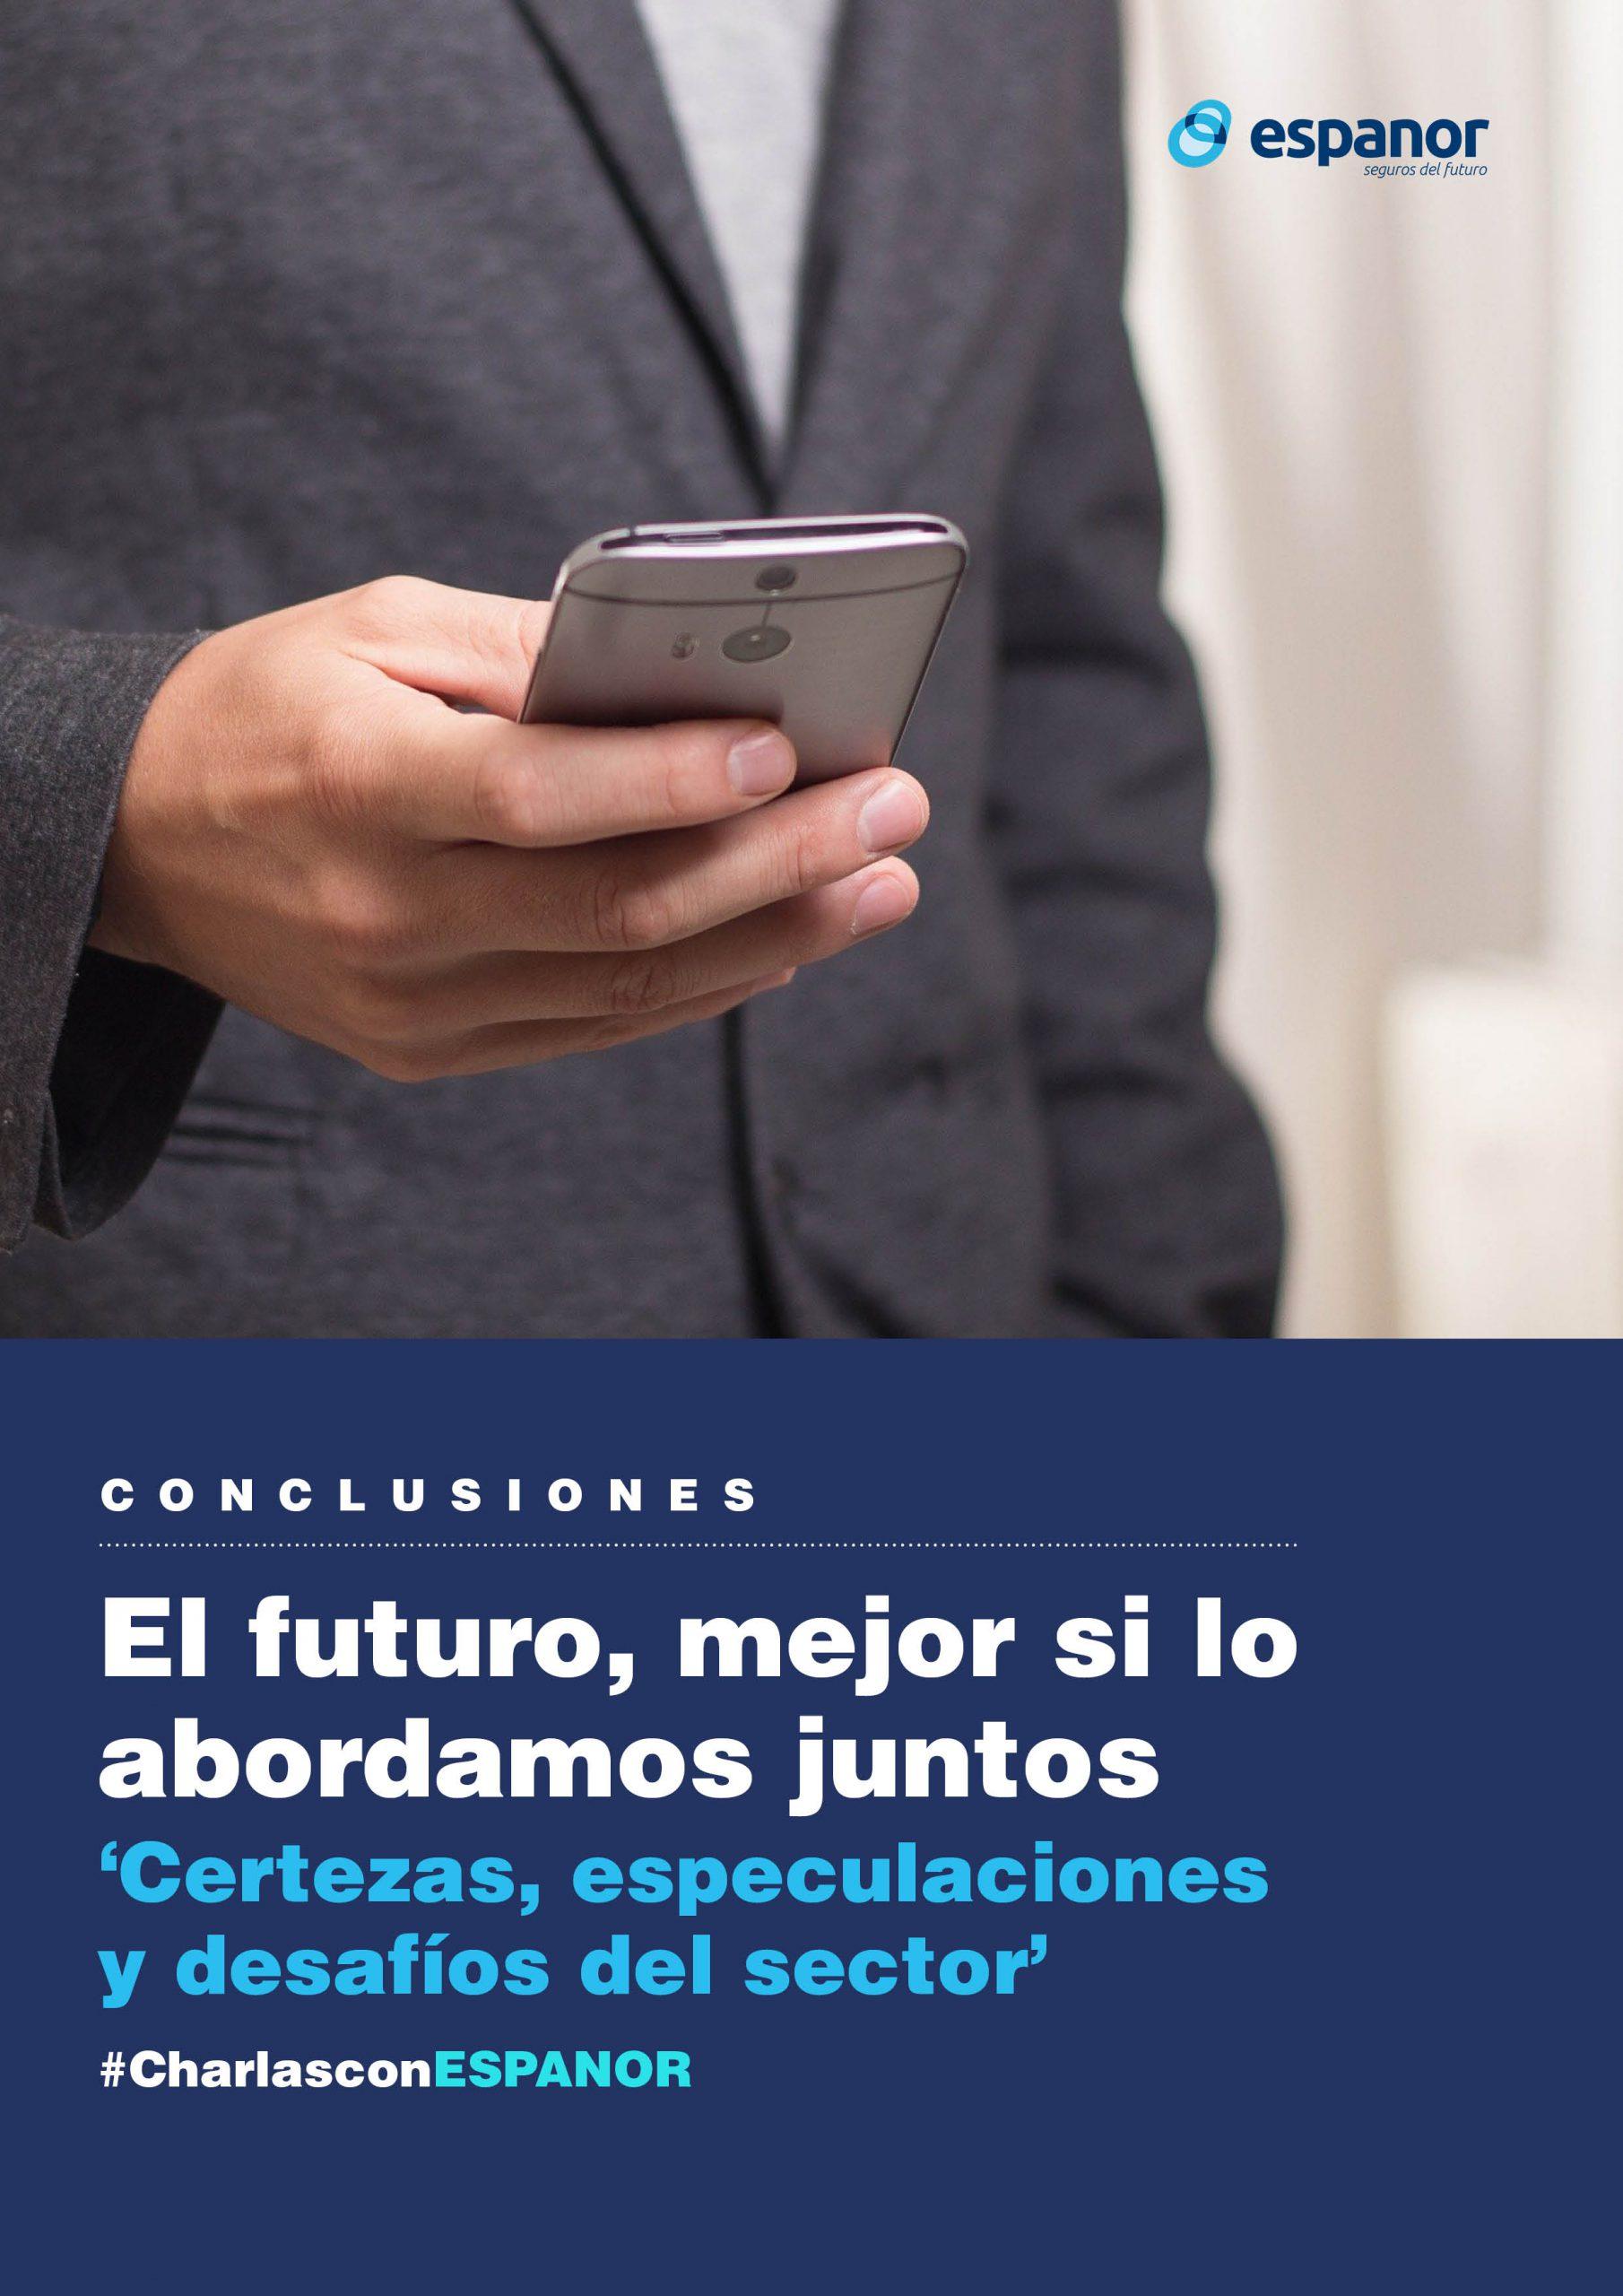 #CharlasconESPANOR noticias de seguros